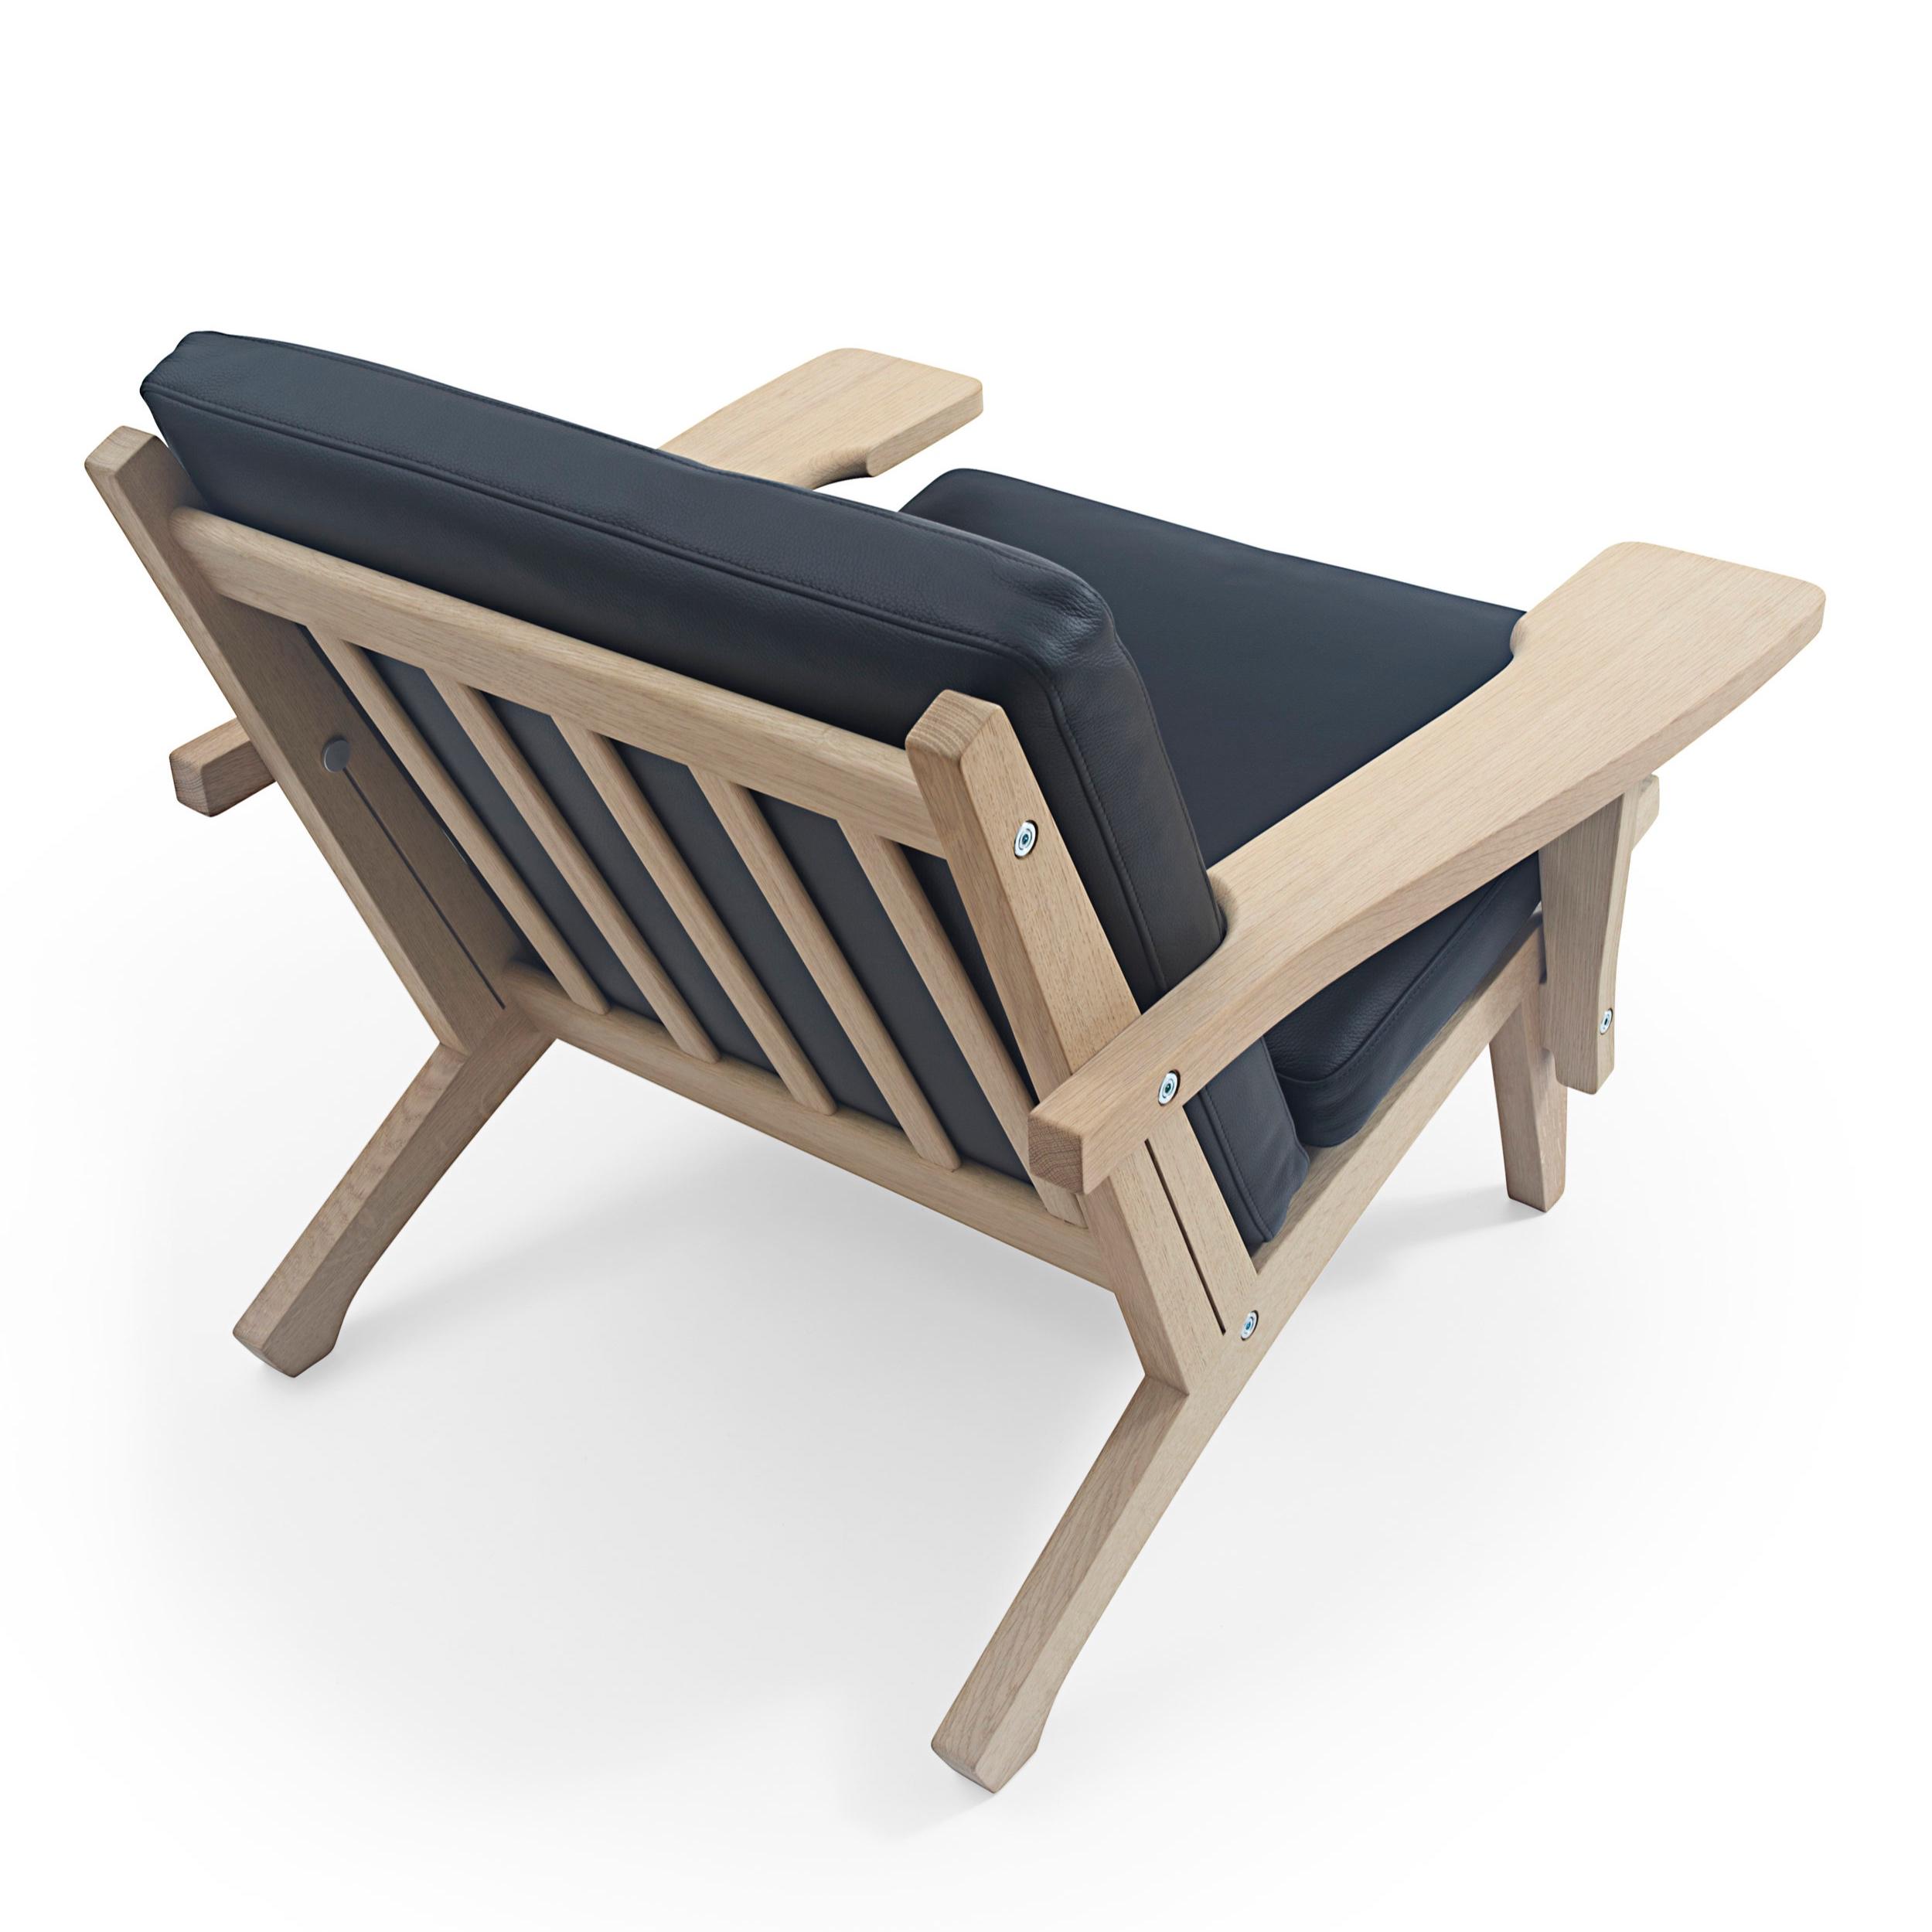 GE_370_GE370_Getama_Hans_Wegner_Gestalt_NewYork_Lowback_Lounge_Chair_arms_6.jpg